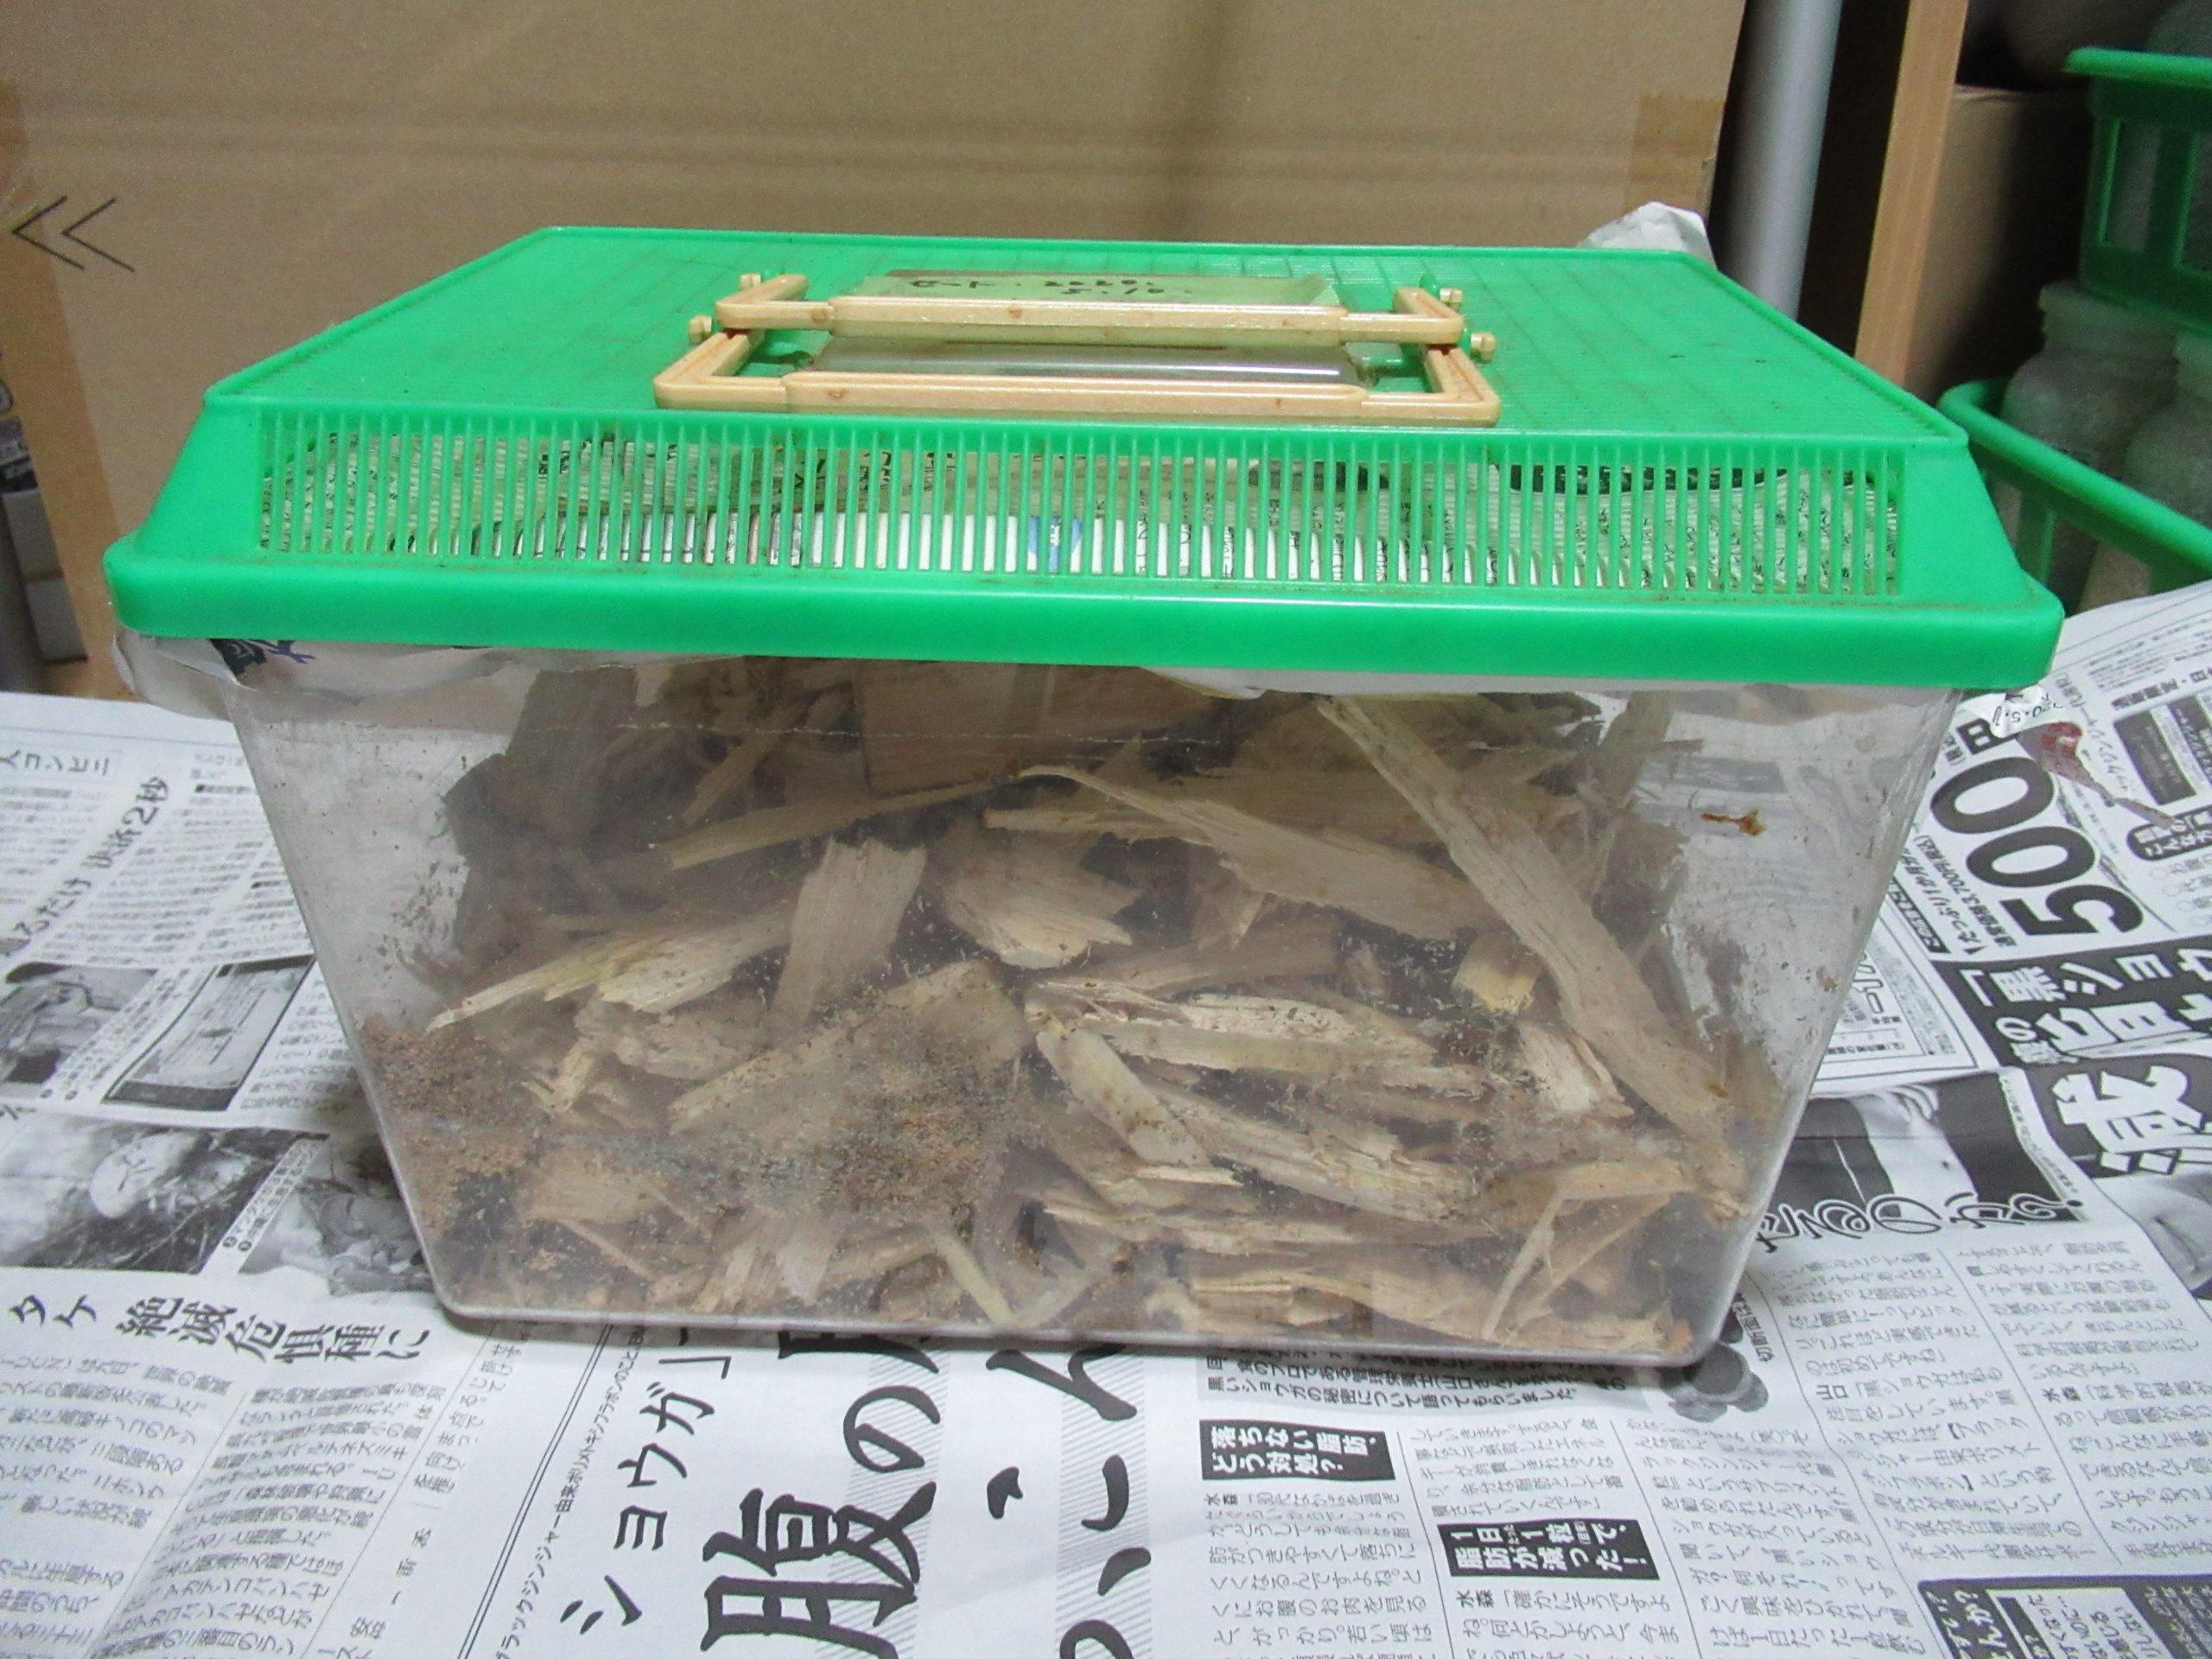 オオクワガタの幼虫を割り出した後の産卵セットの残骸の処理